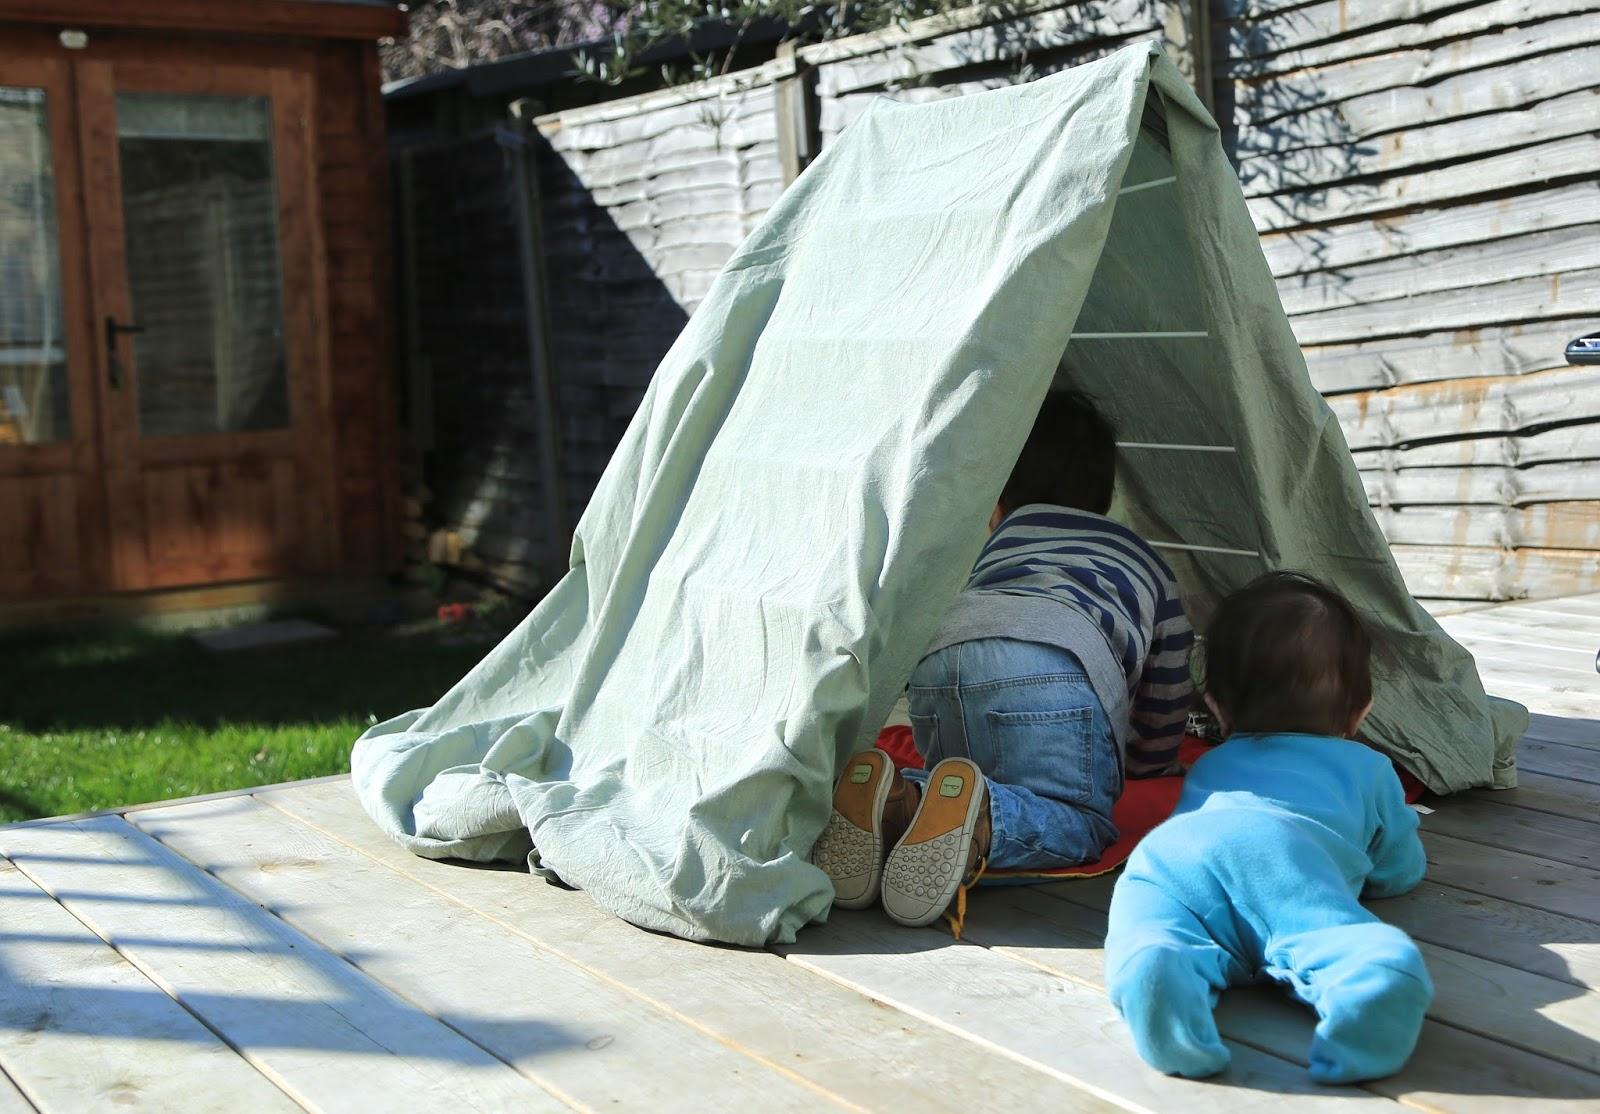 Diy Tent 2 Littlefaces Diy Clothes Horse Play Tent